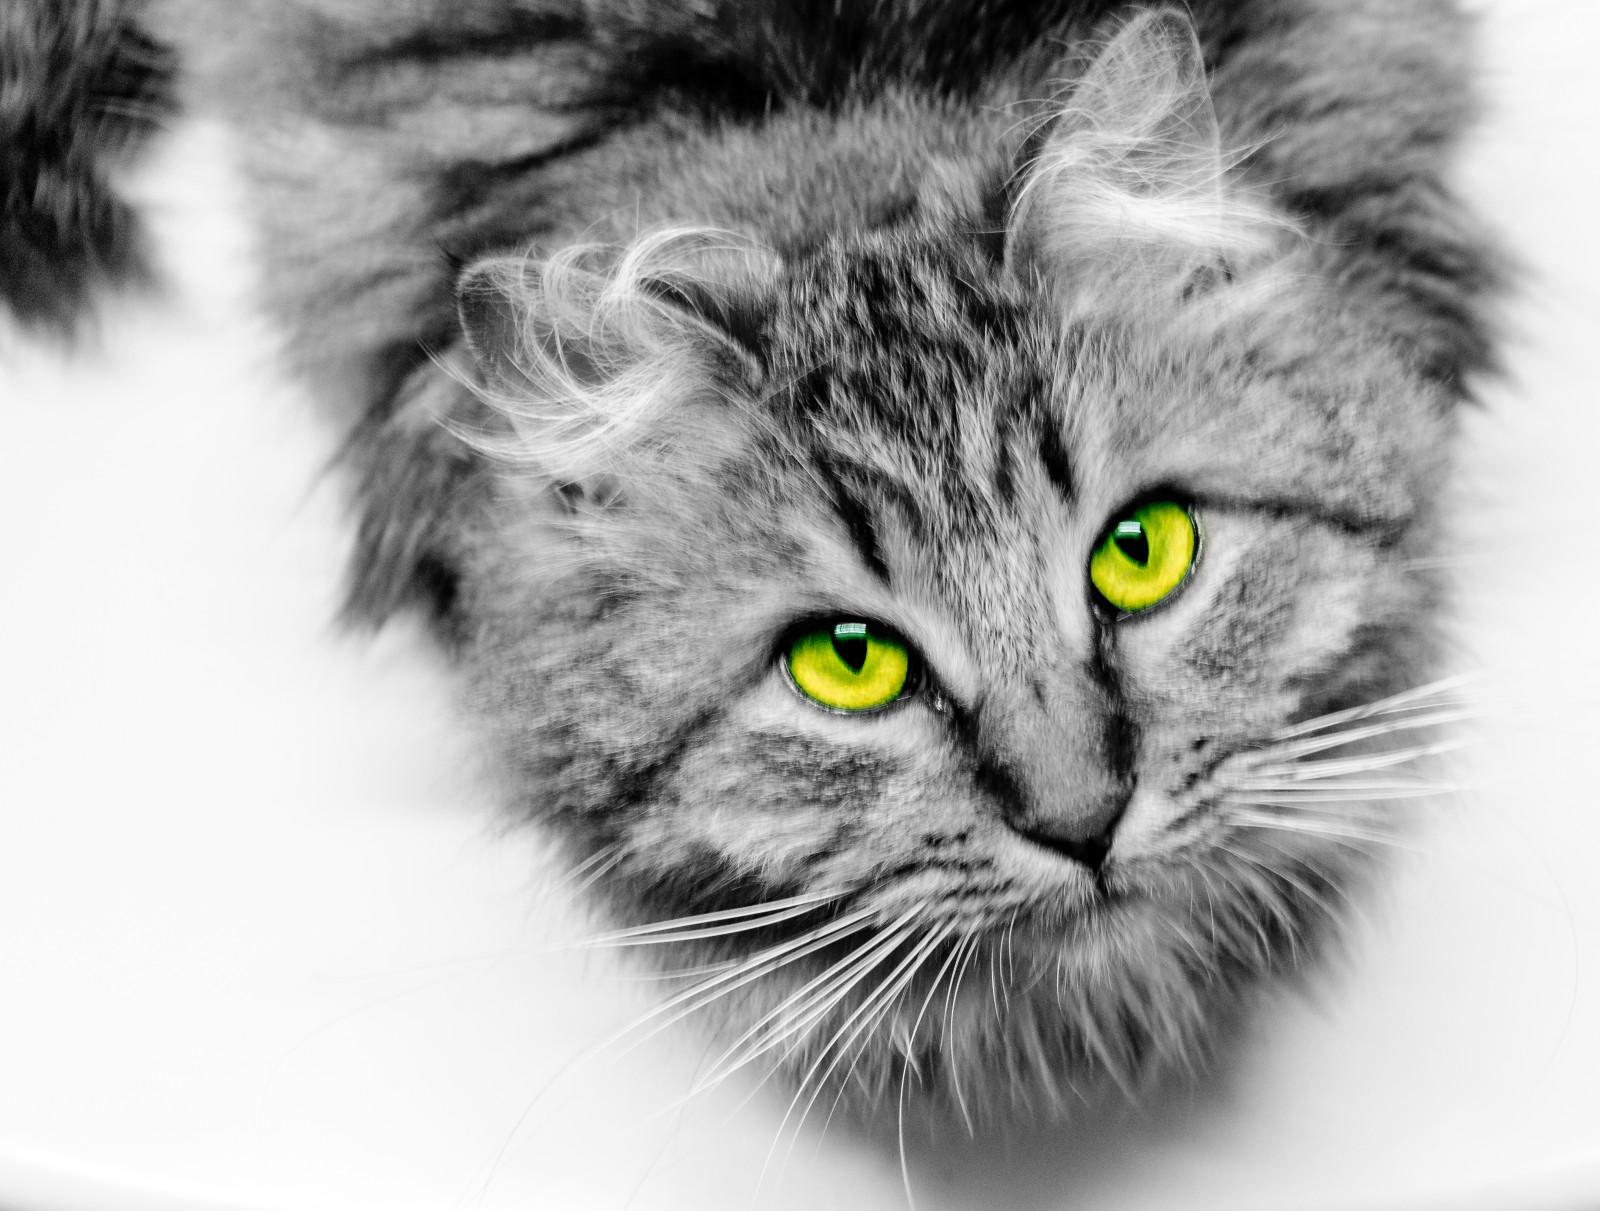 fond d 39 cran animaux monochrome les yeux c ur vert jaune nikon fourrure moustaches. Black Bedroom Furniture Sets. Home Design Ideas